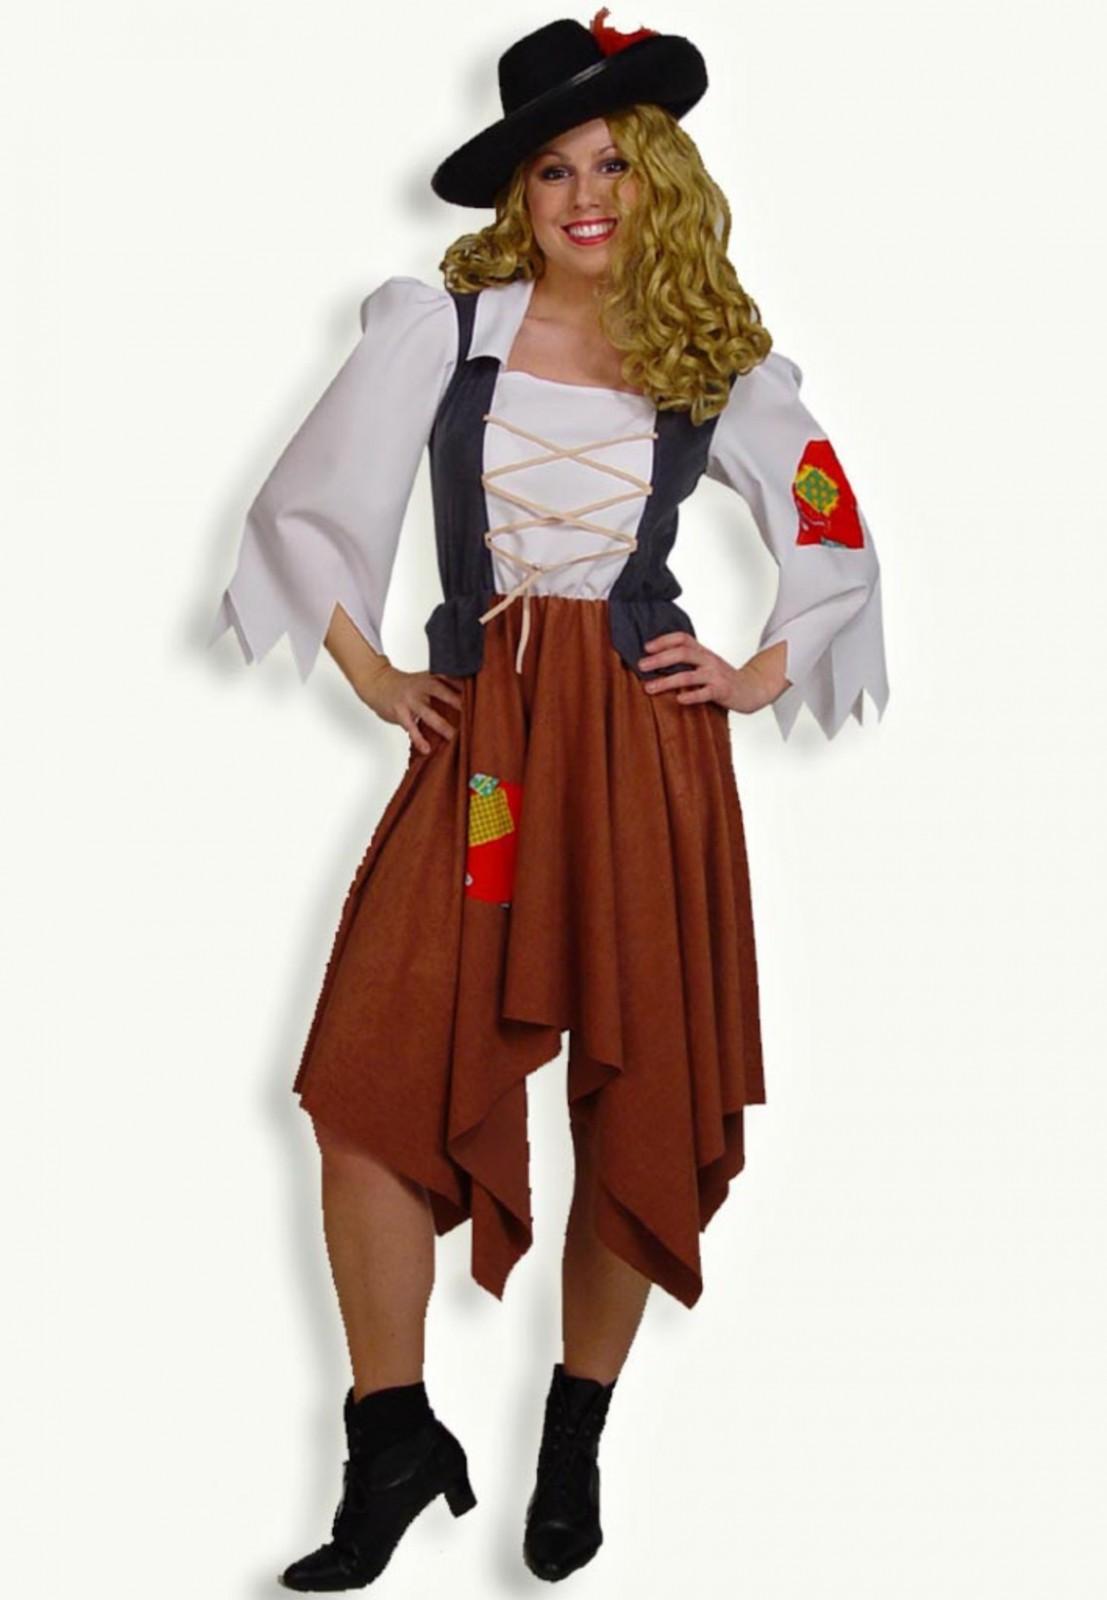 Kostum Rauberbraut Vogelscheuche Hexe Vagabund Gr 36 46 Karneval